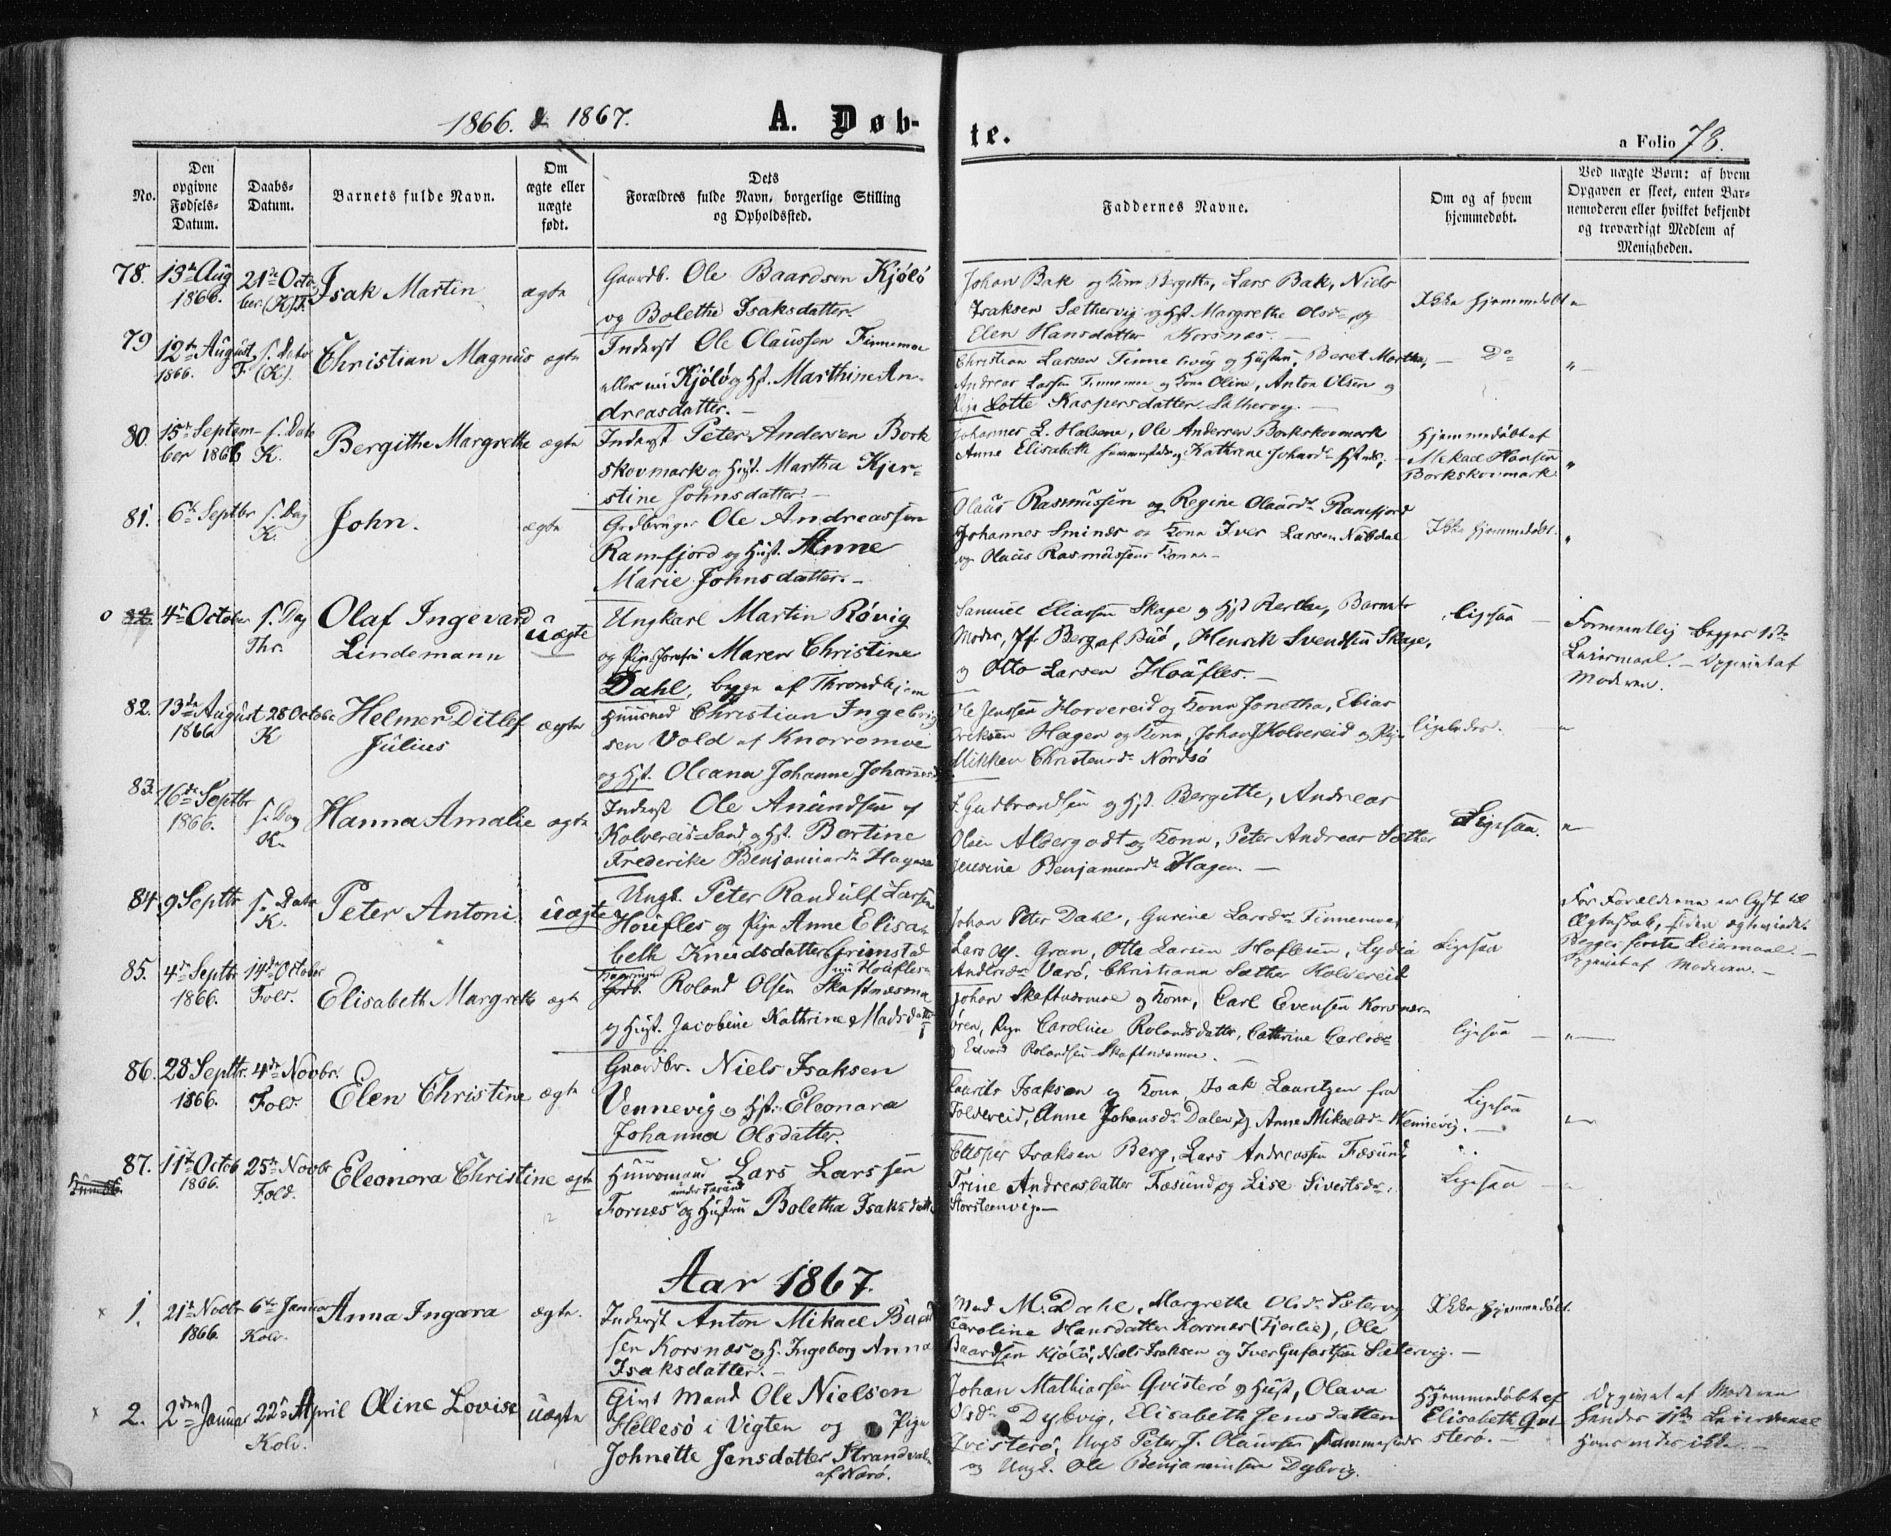 SAT, Ministerialprotokoller, klokkerbøker og fødselsregistre - Nord-Trøndelag, 780/L0641: Ministerialbok nr. 780A06, 1857-1874, s. 78